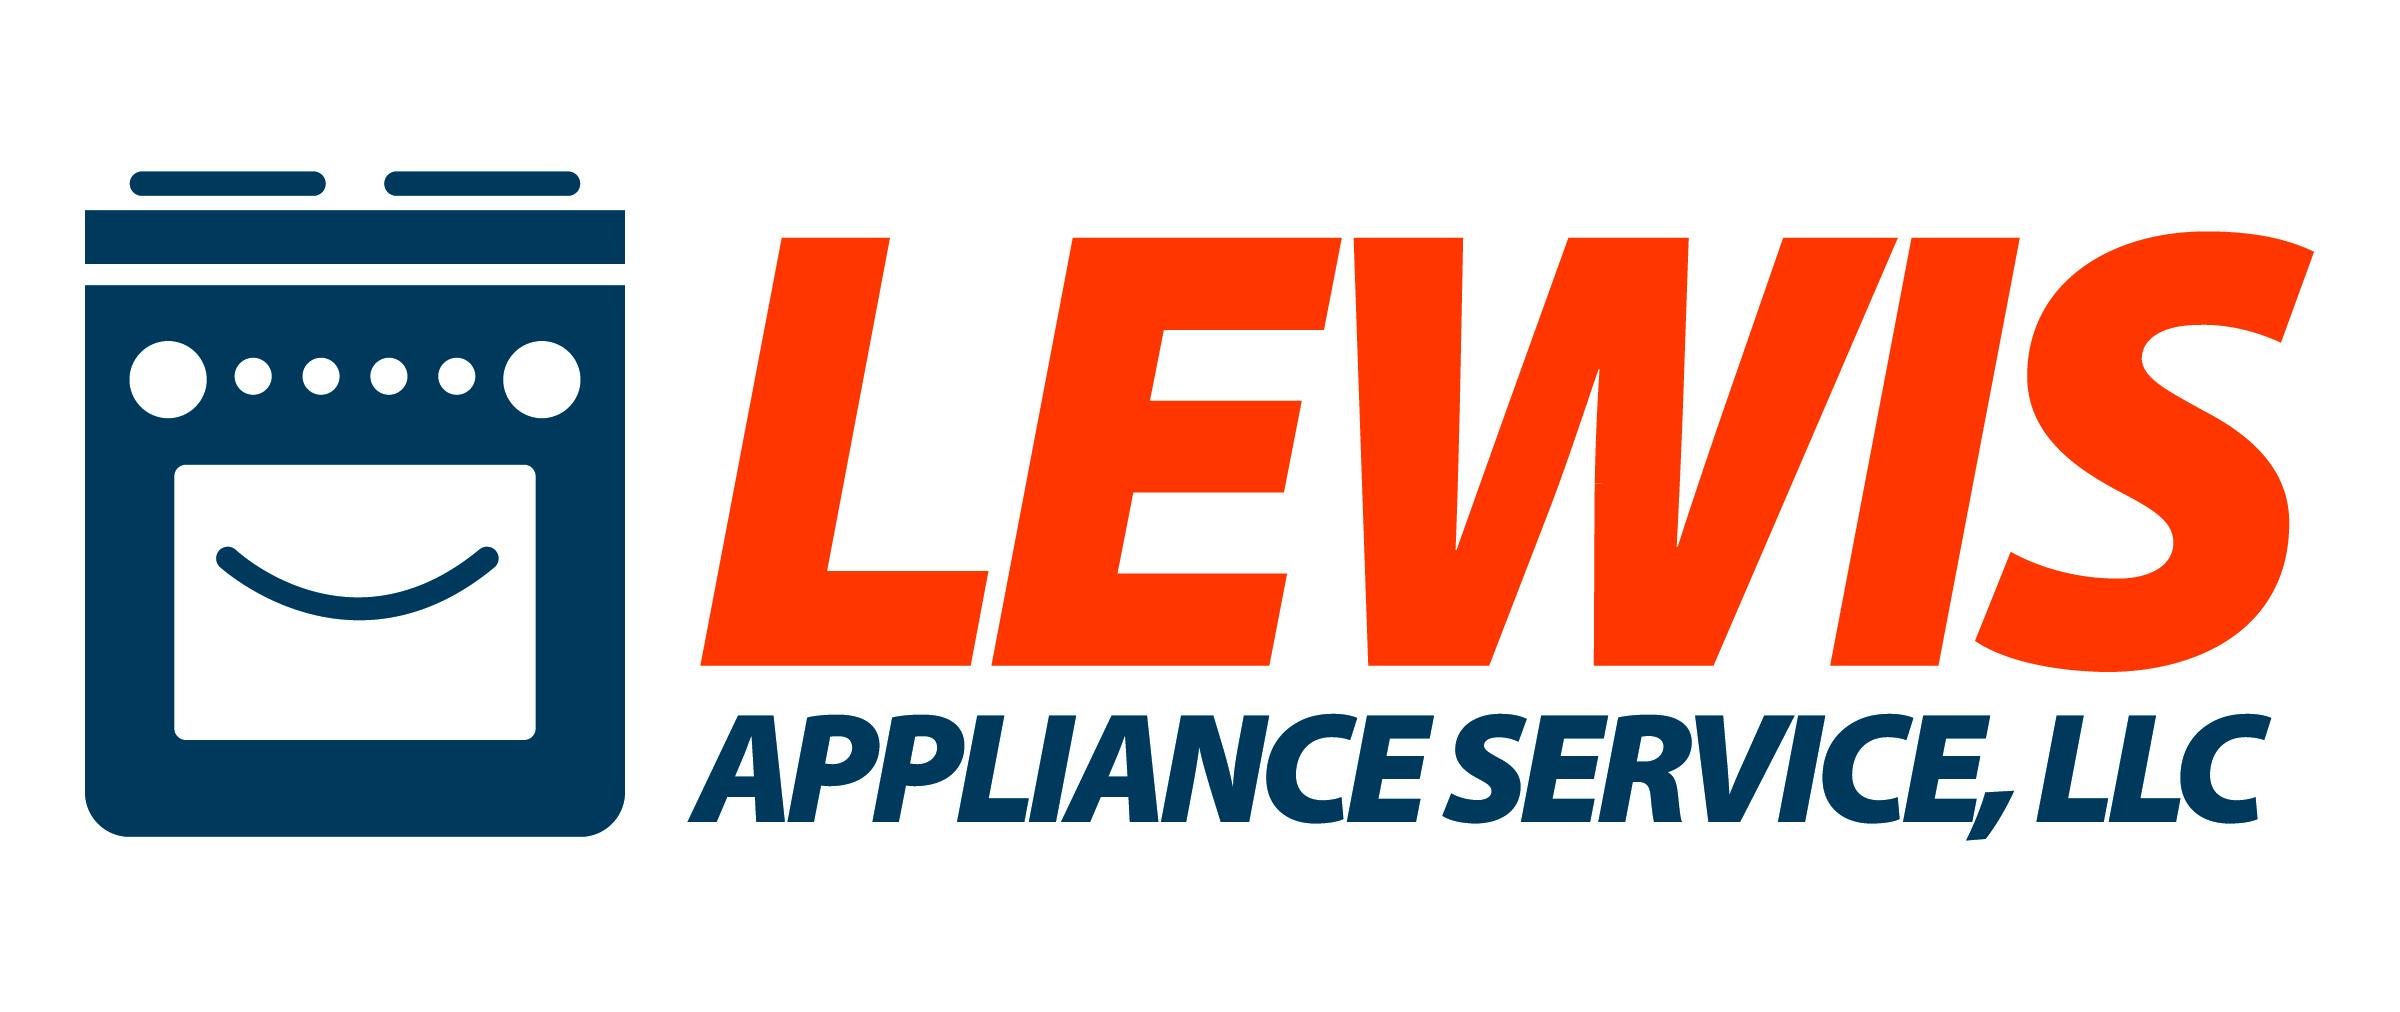 Appliance Repair & Service in  Warren, PA,   Russell, PA,Jamestown, NY, Lakewood, NY, Ashville, NY, Bemus Point, NY, Mayville, NY, Fredonia, NY, Dunkirk, NY, Kane, PA,Corry, PA, and everywhere in between.